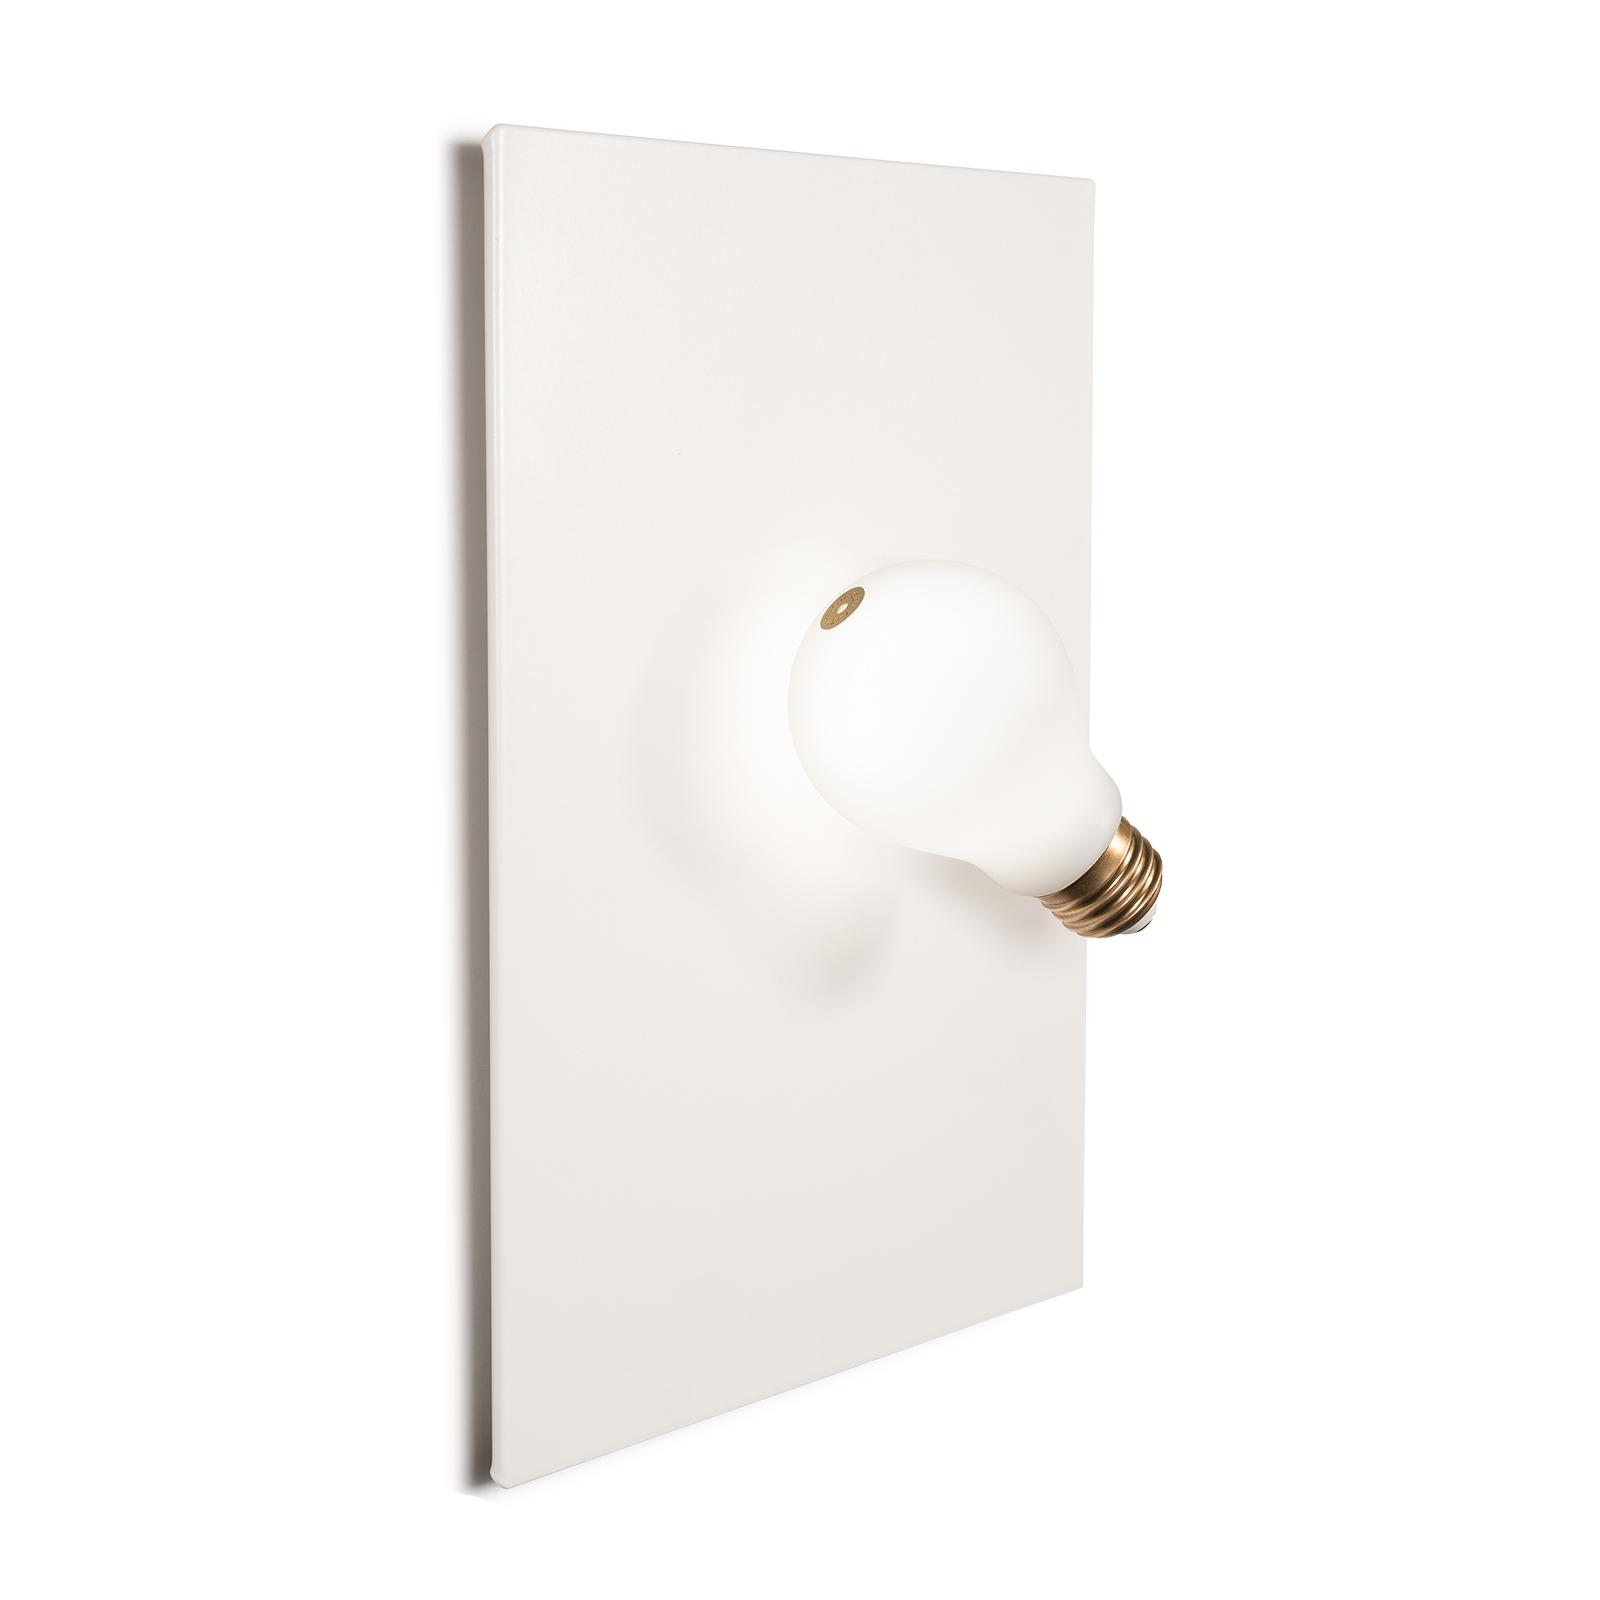 Slamp Idea LED wandlamp, wit